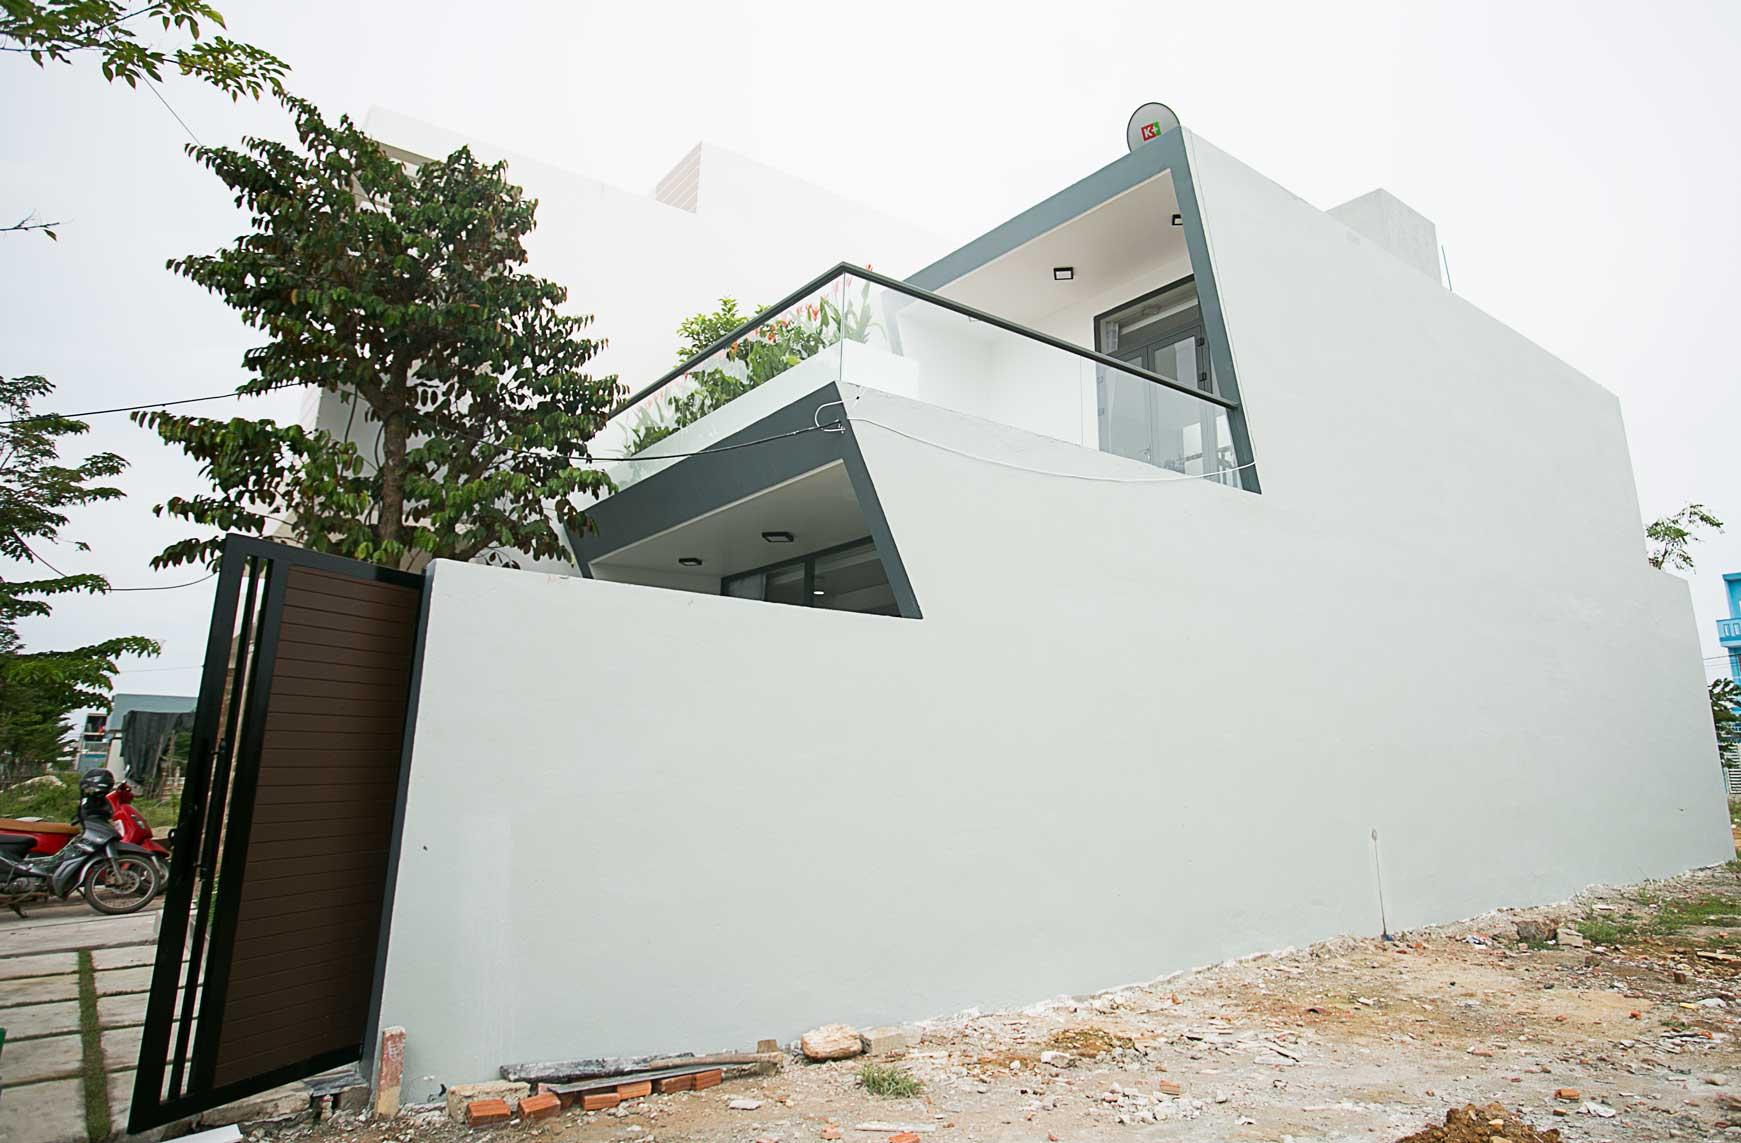 thiết kế Nhà tại Đà Nẵng BAO'S HOUSE 10 1551172107